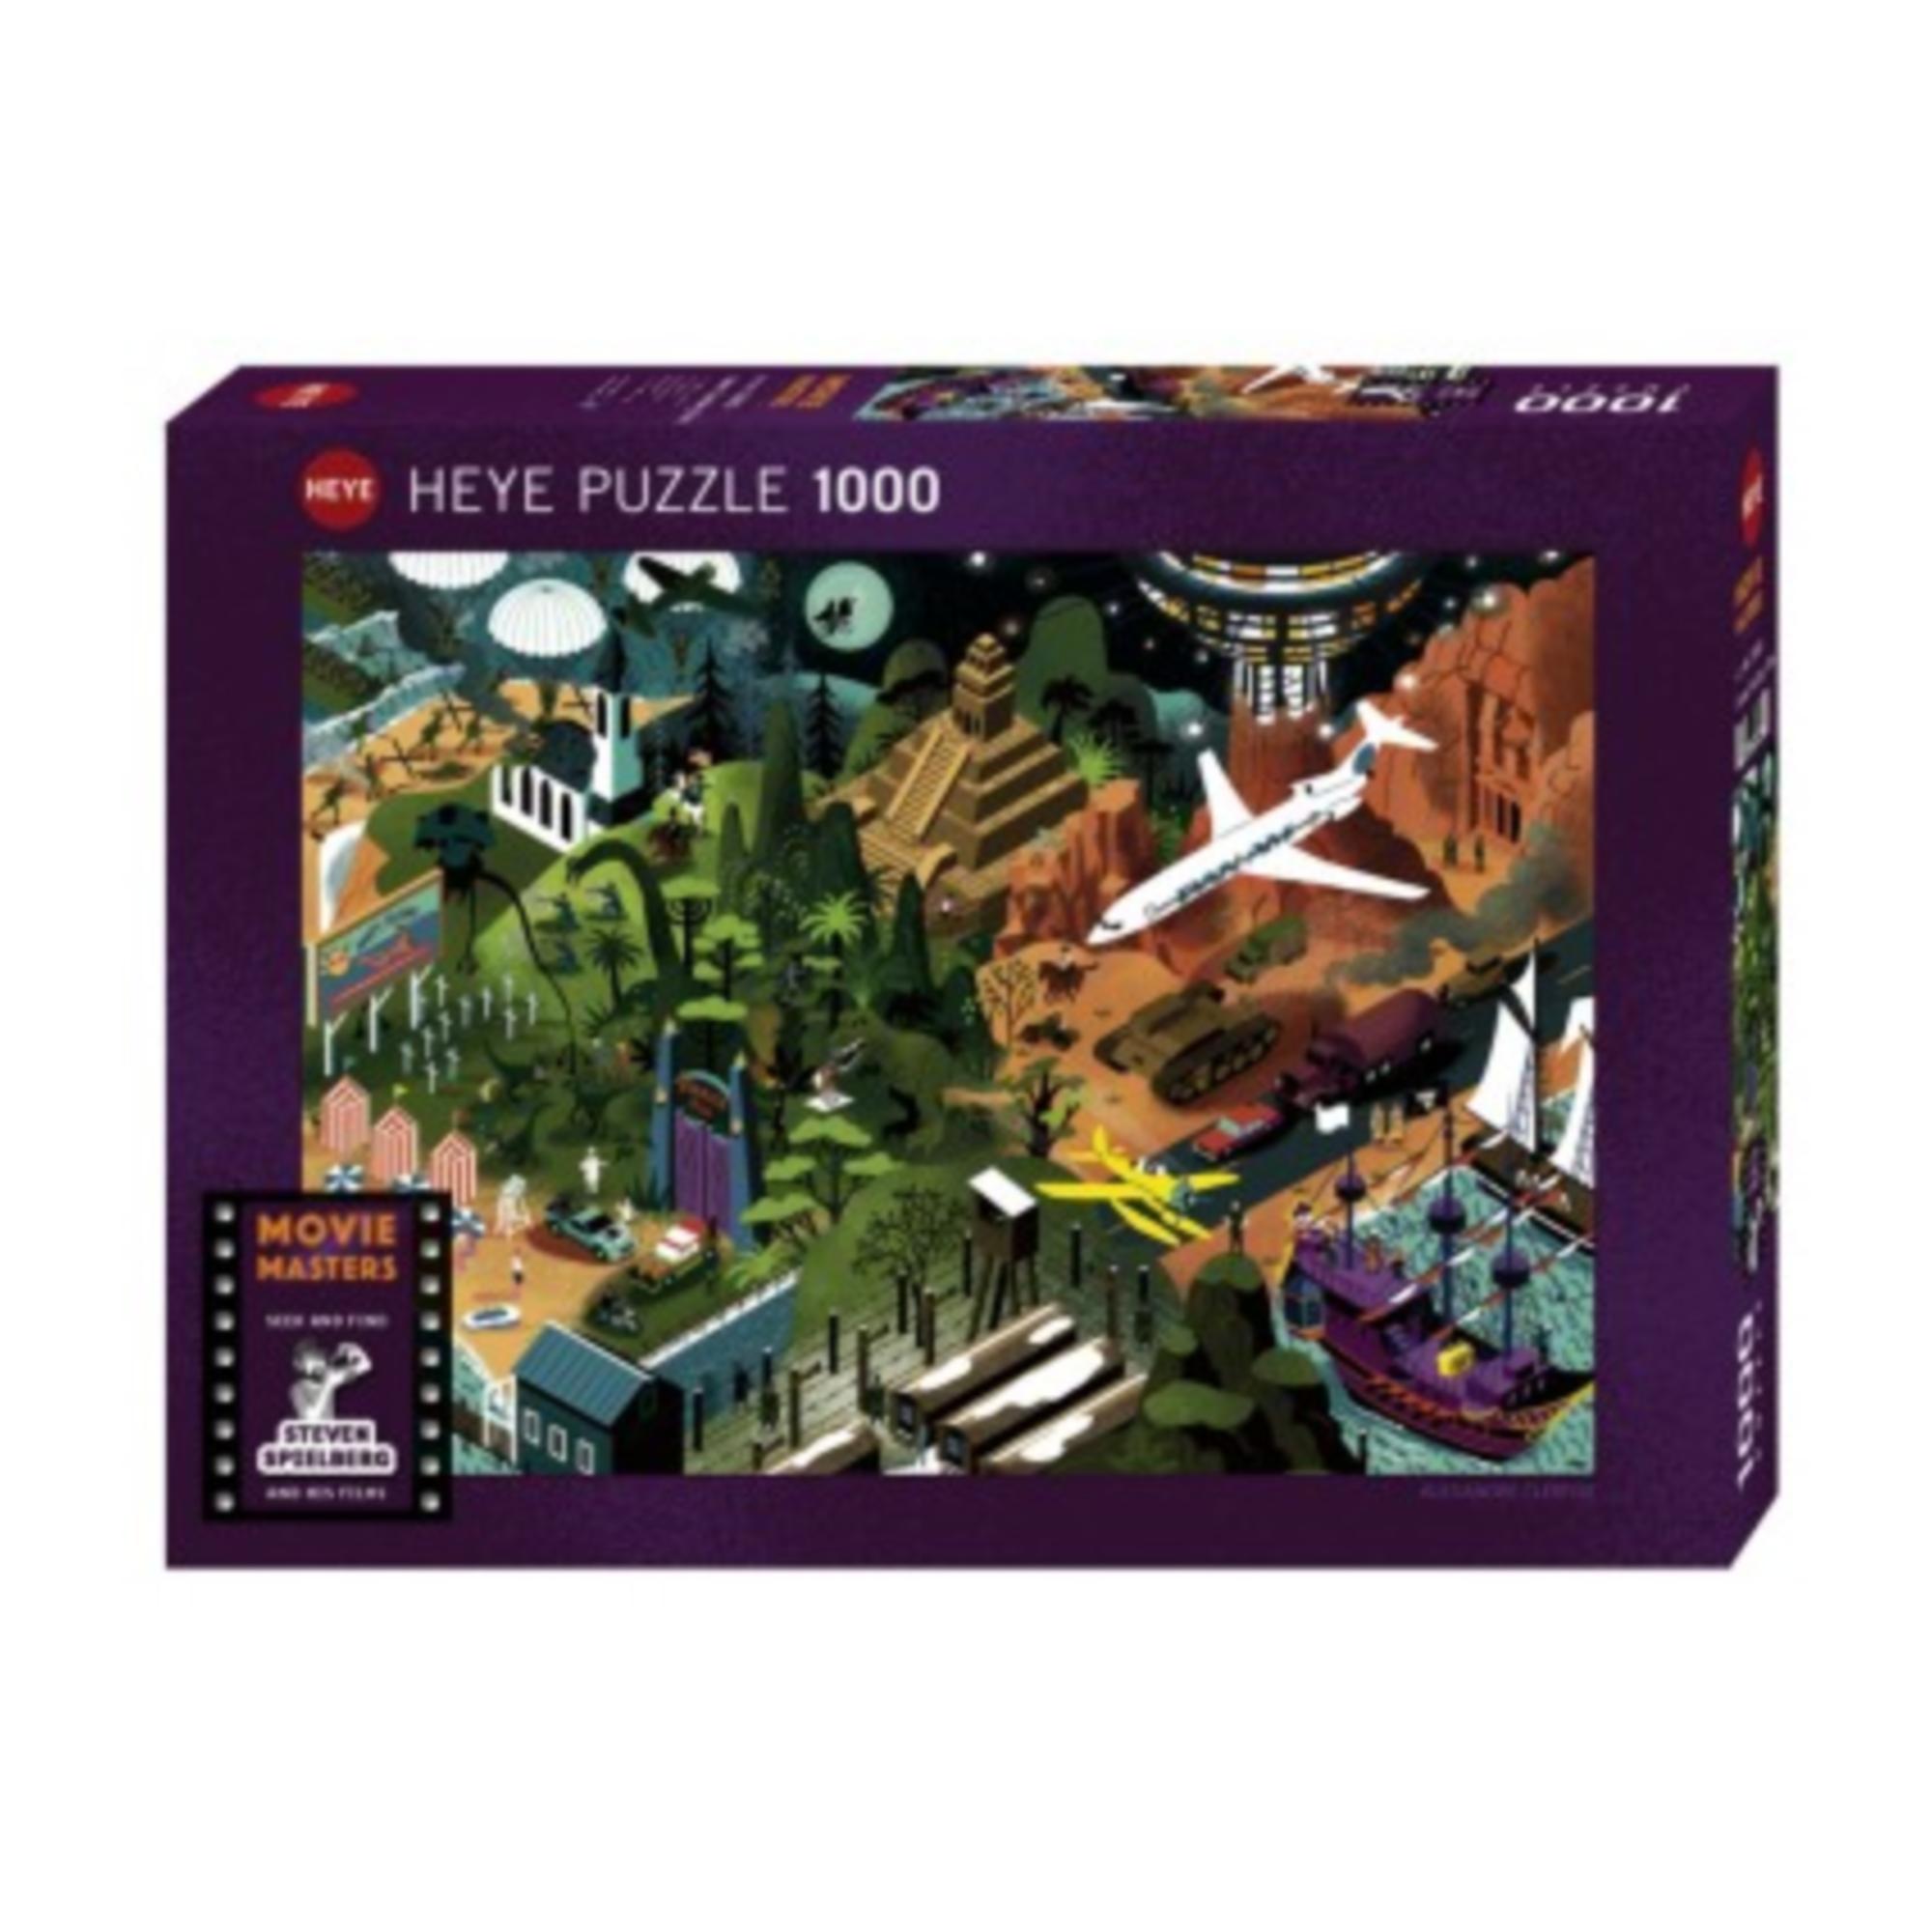 Heye Puzzle 1000: Steven Spielberg Films